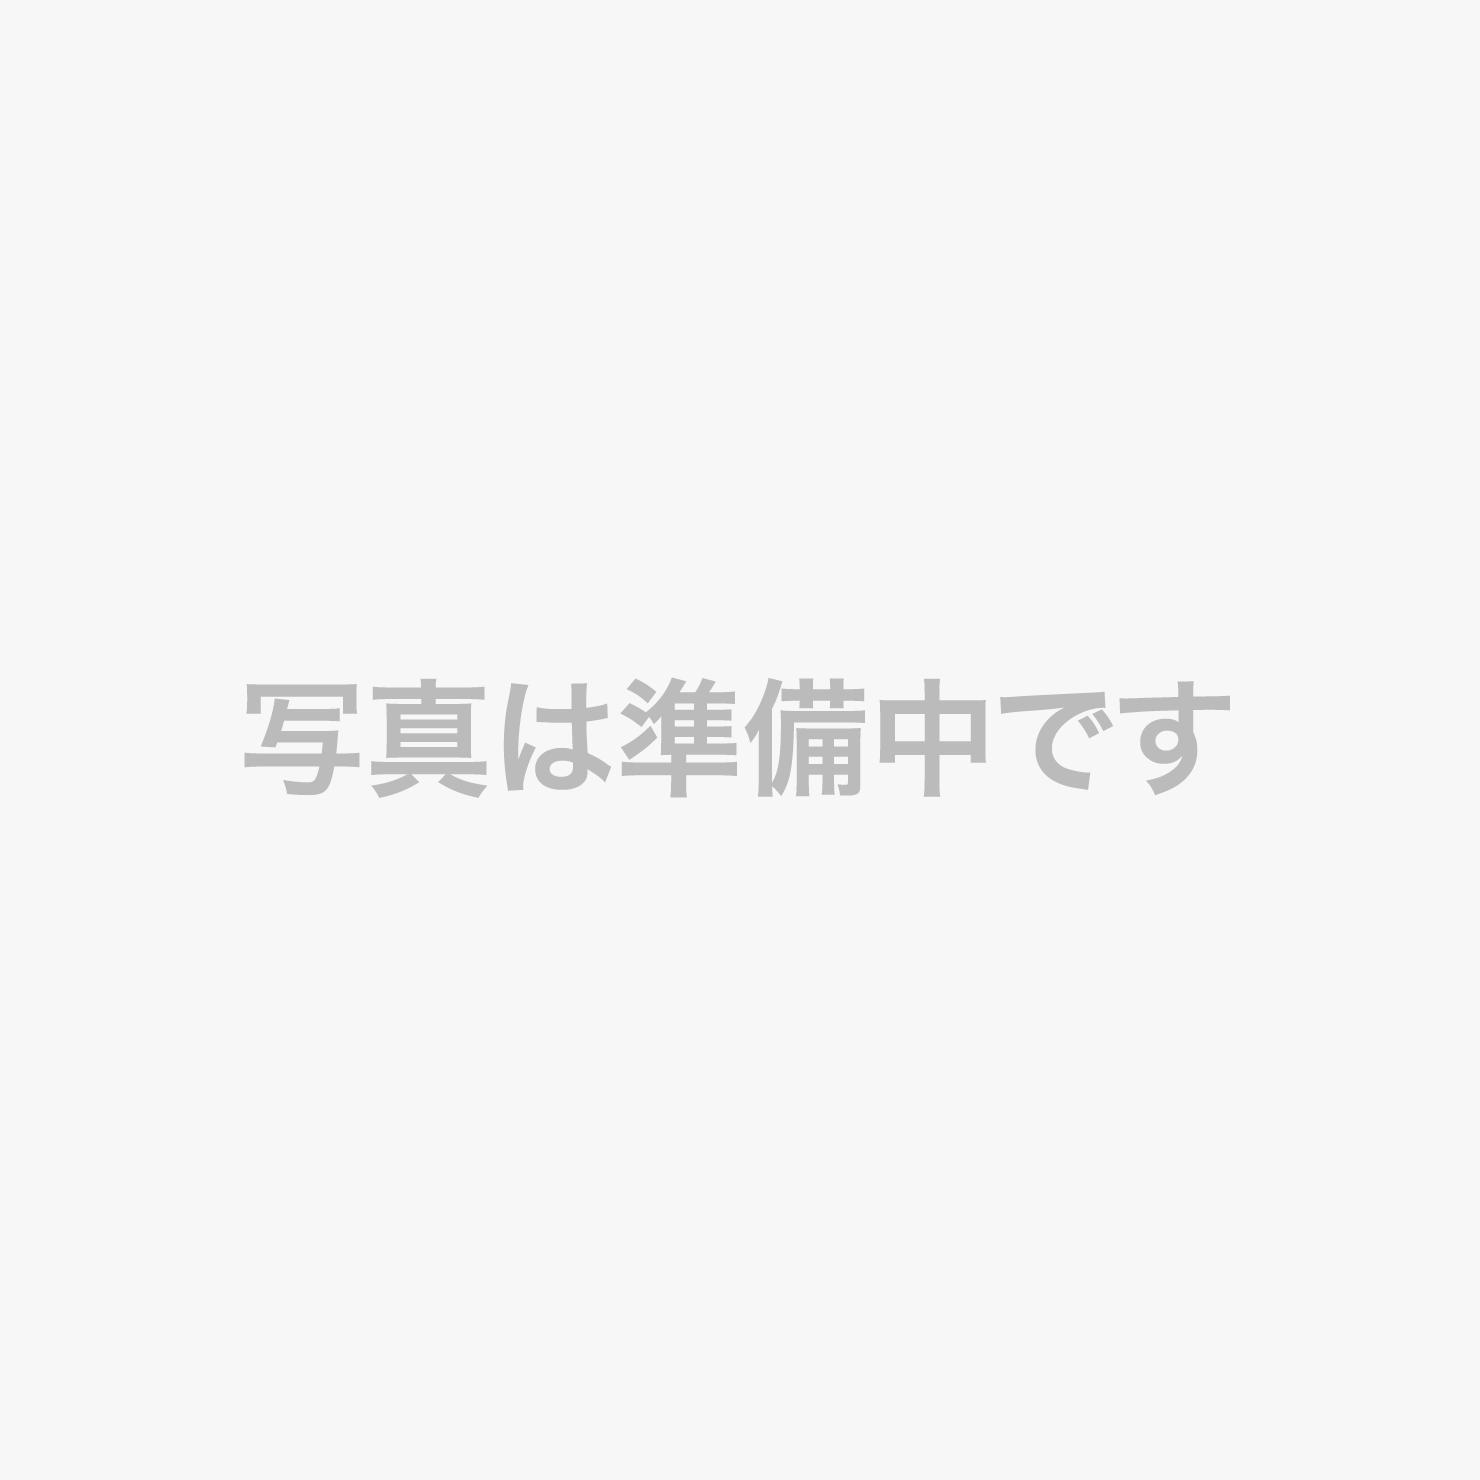 【正面玄関】眩しいばかりの新緑(深緑)が包み込む玄関(^^)※撮影6月中旬頃。